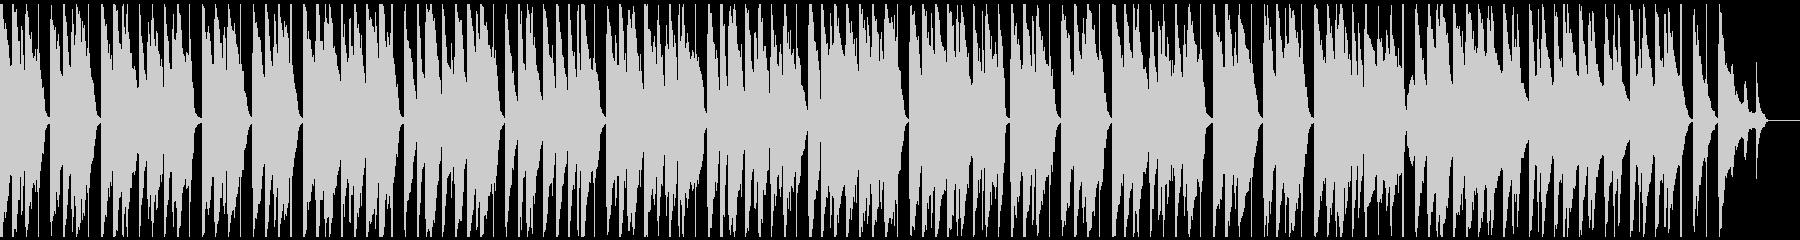 ワーグナー結婚行進曲リコーダー スネア抜の未再生の波形